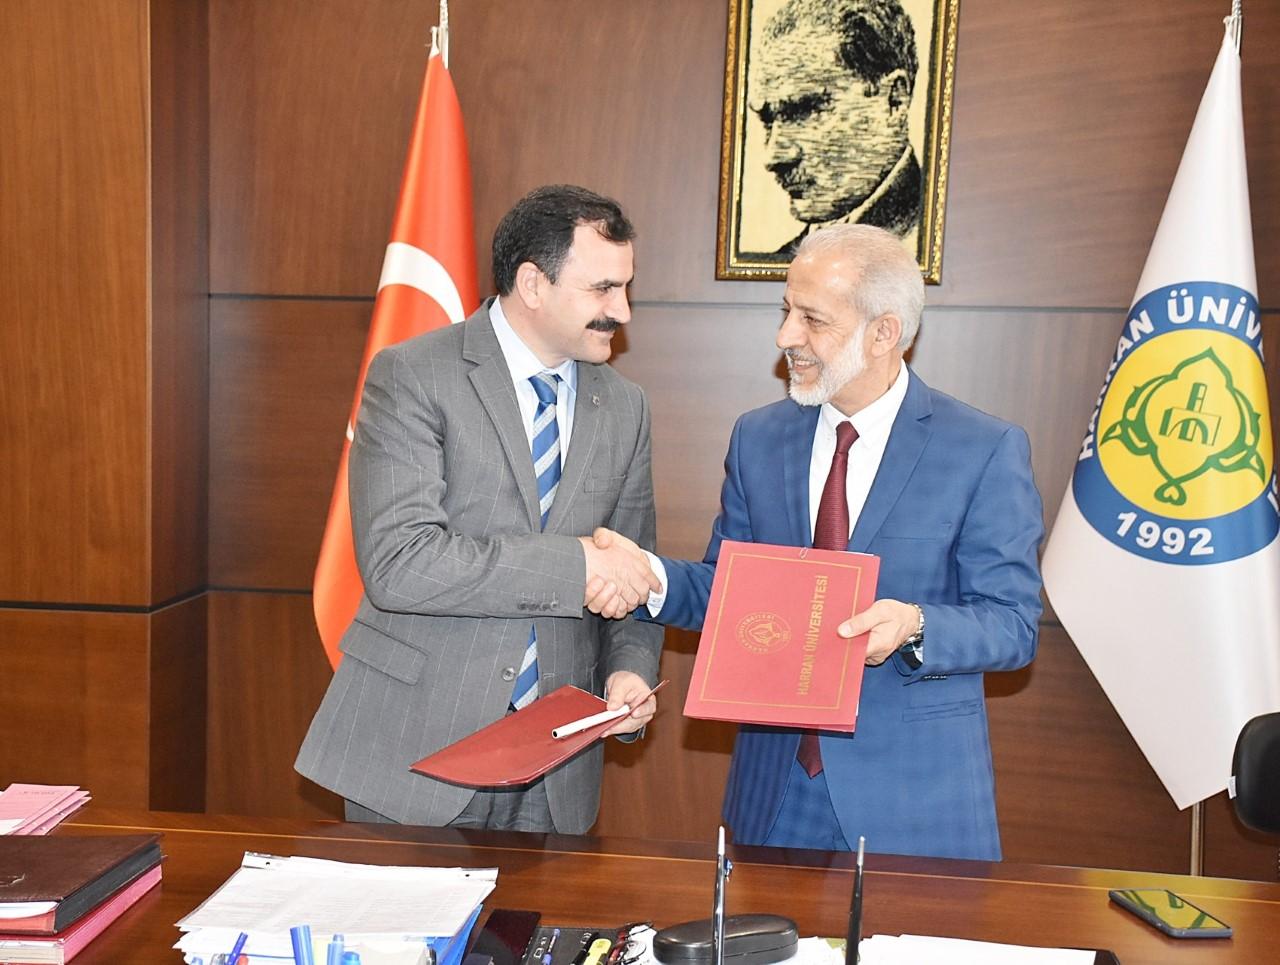 Harran Üniversitesi ile Şanlıurfa İl Milli Eğitim Müdürlüğü Arasında İmzalar